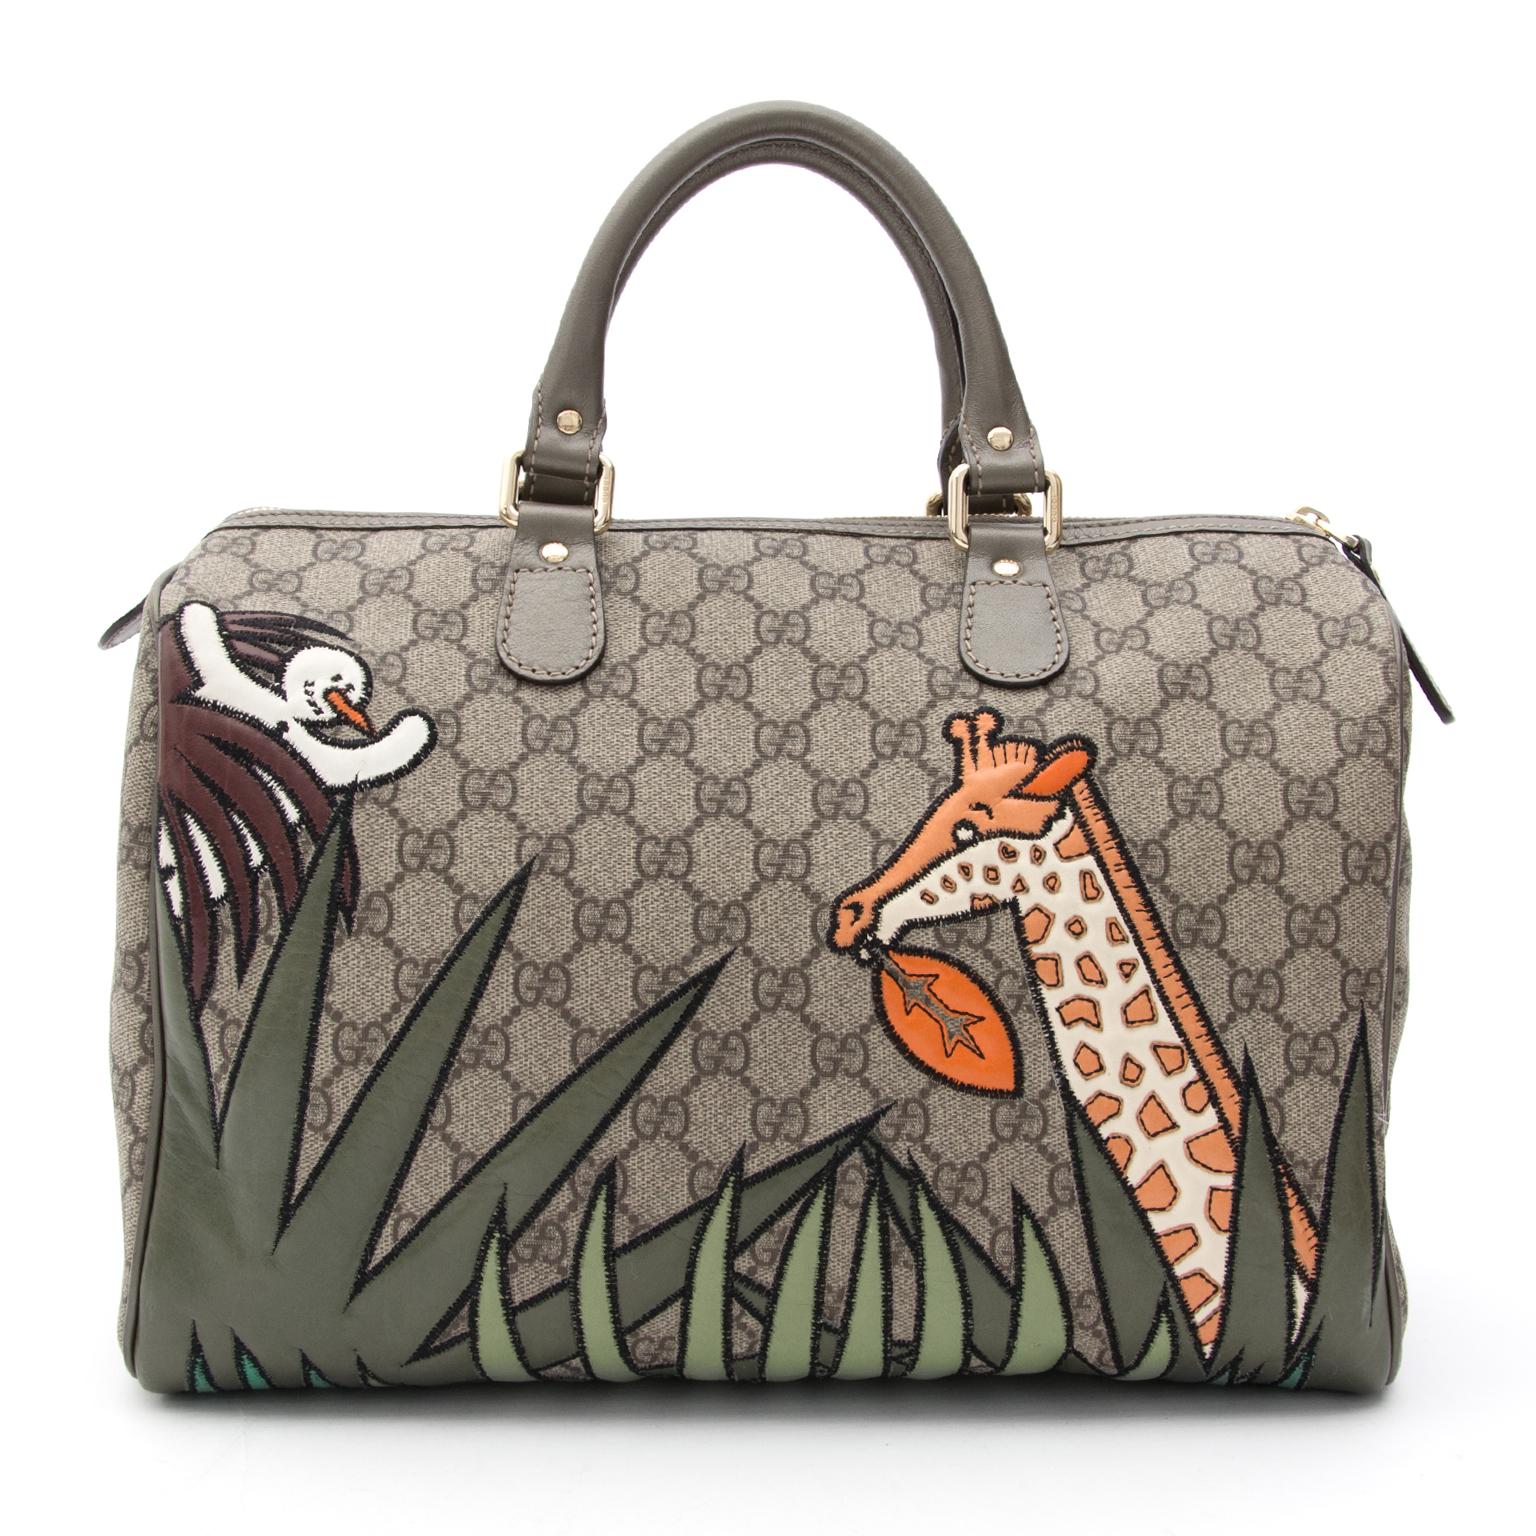 fd0fc606058 ... Gucci Unicef Snowman In Africa Medium Joy Boston Bag Joy Boston Bag  site en ligne sac